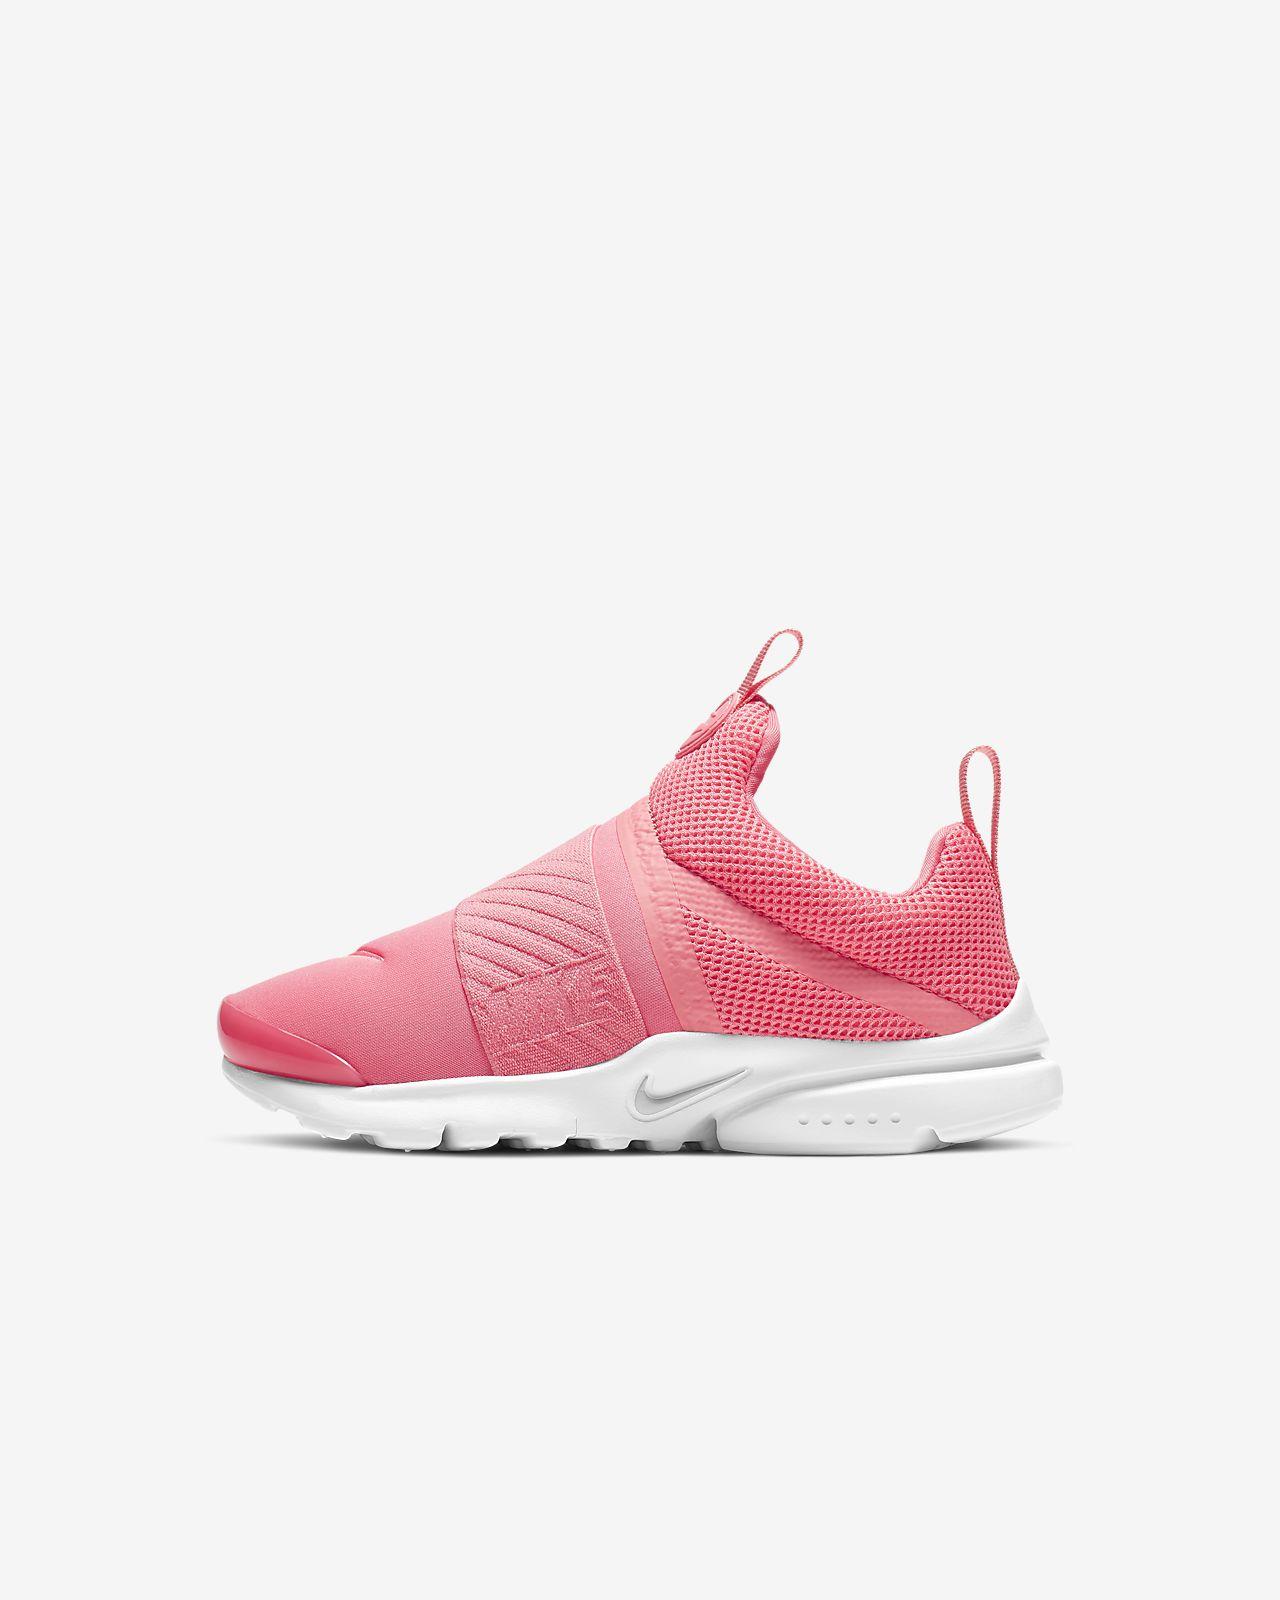 c577973d35 Nike Presto Extreme Little Kids' Shoe. Nike.com